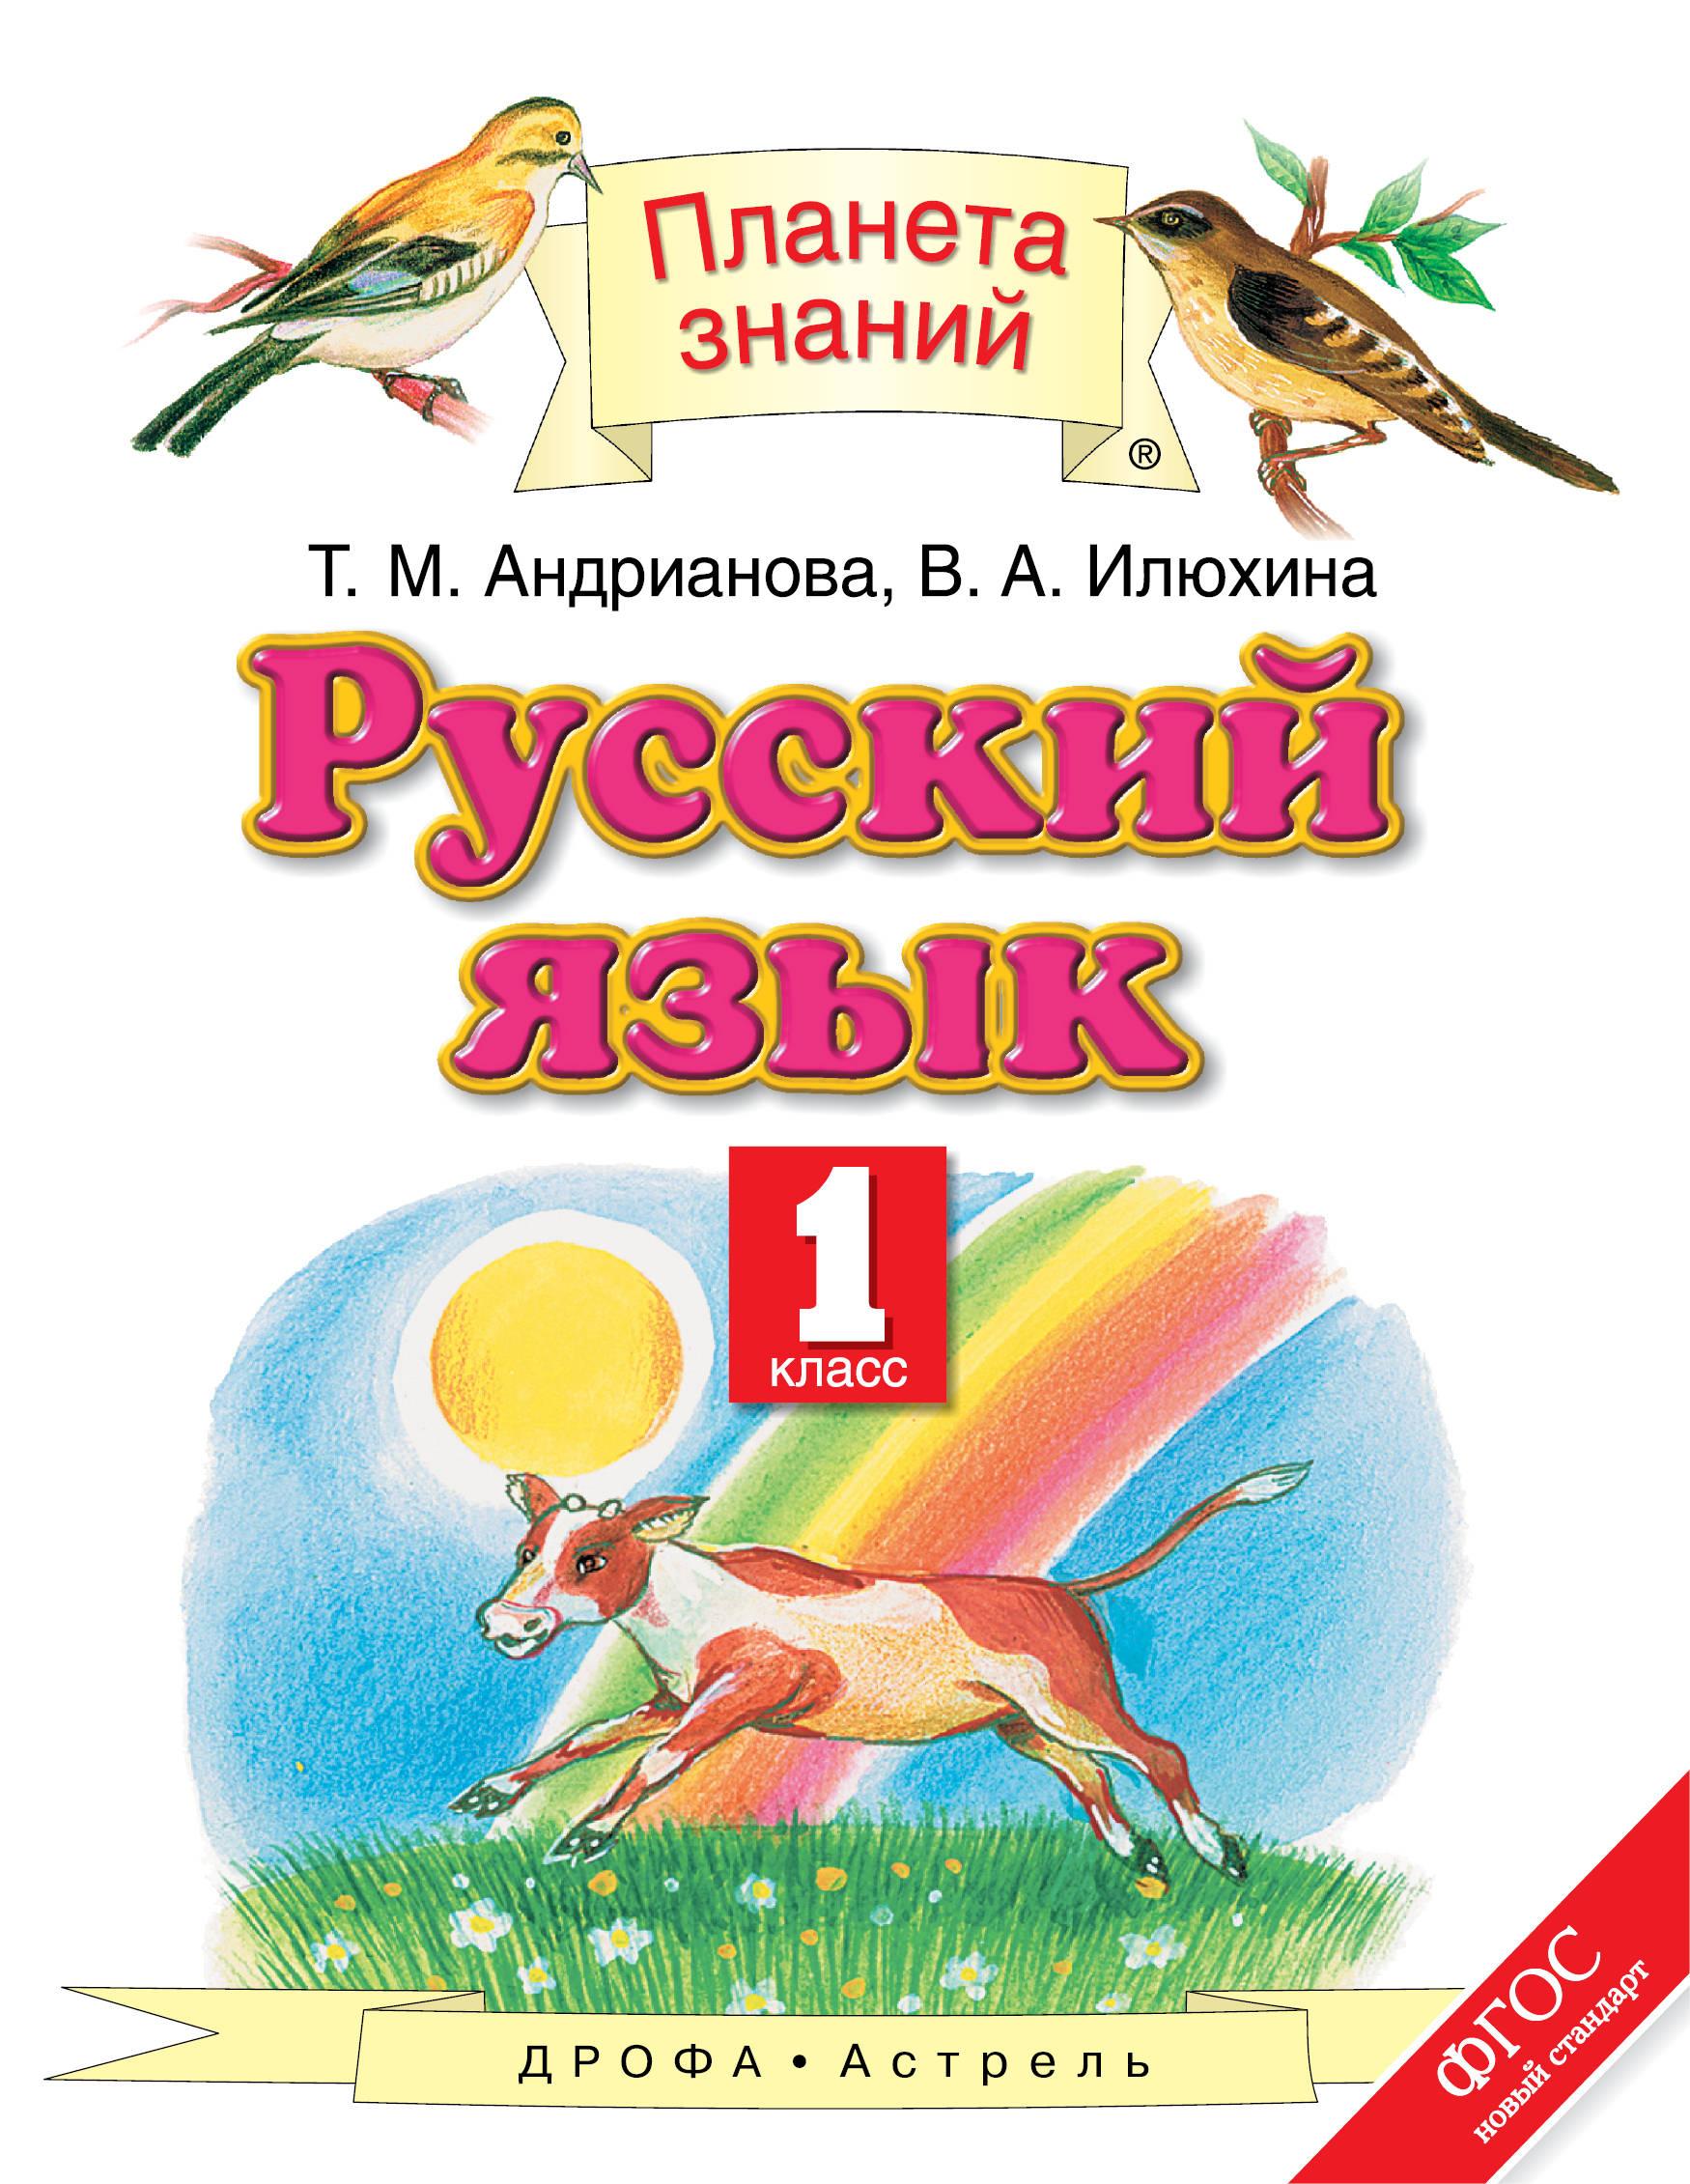 Русский язык. 1 класс, Андрианова Т М